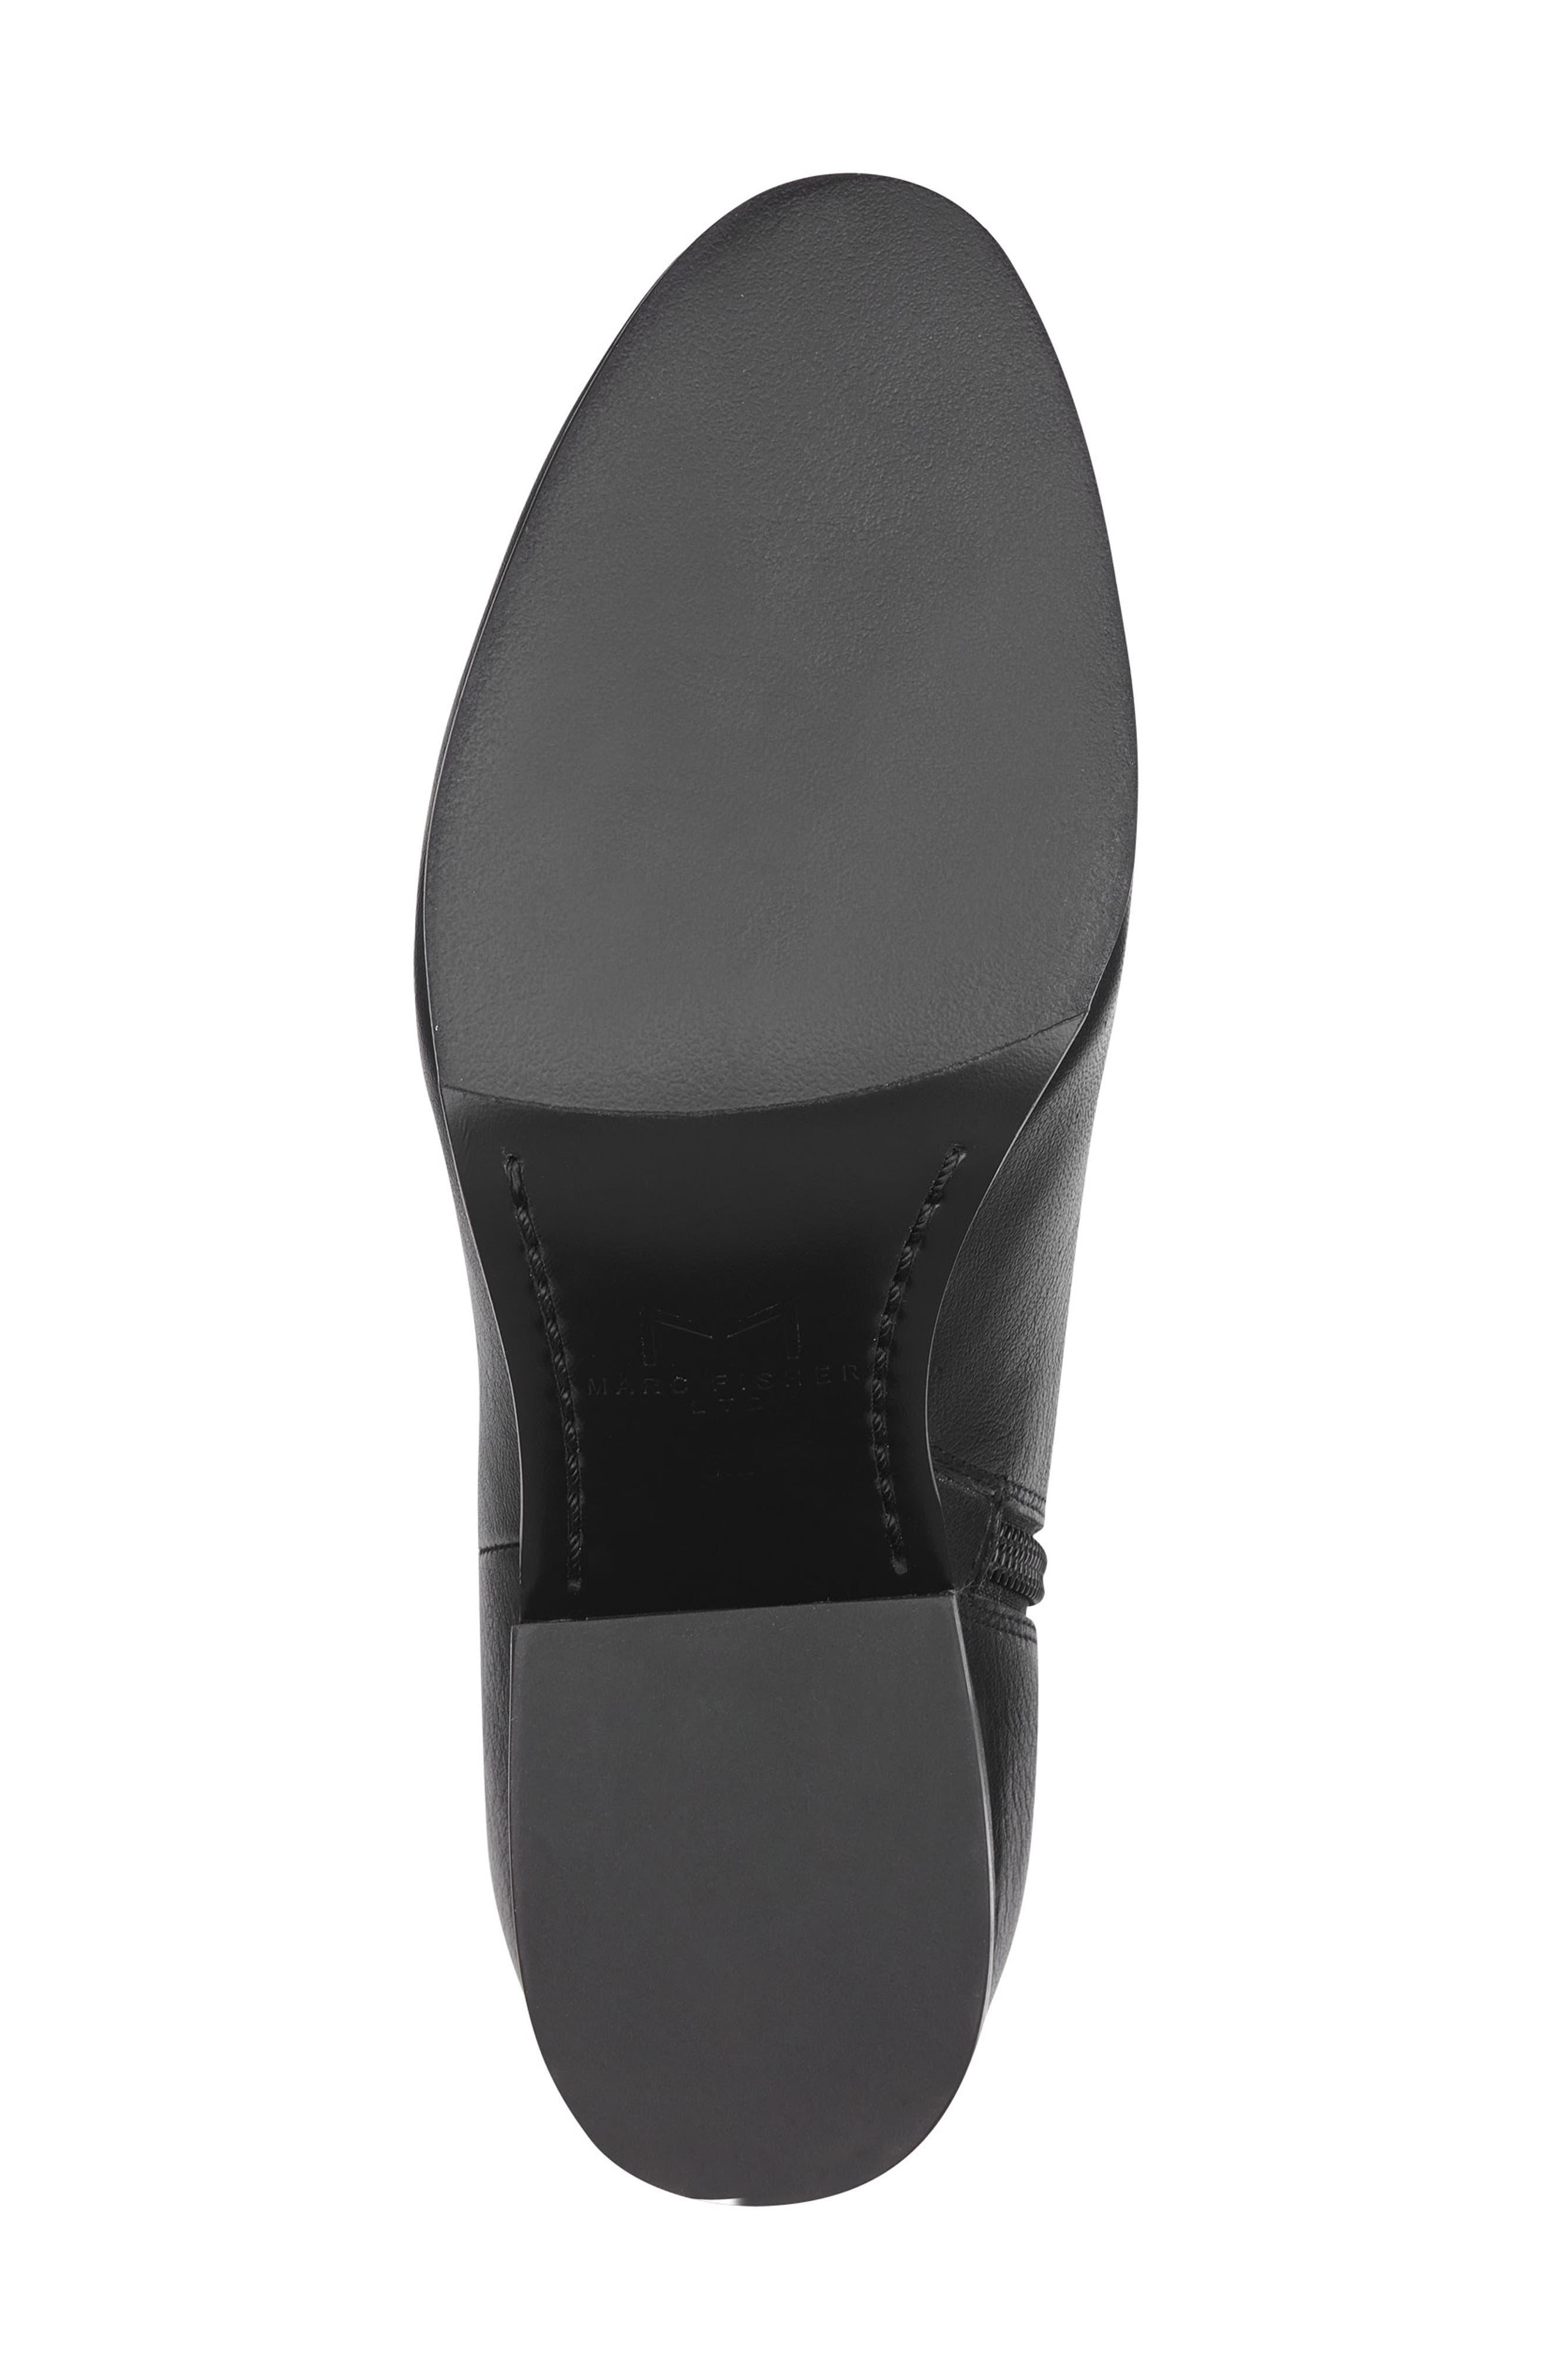 Quella Bootie,                             Alternate thumbnail 6, color,                             Black Leather